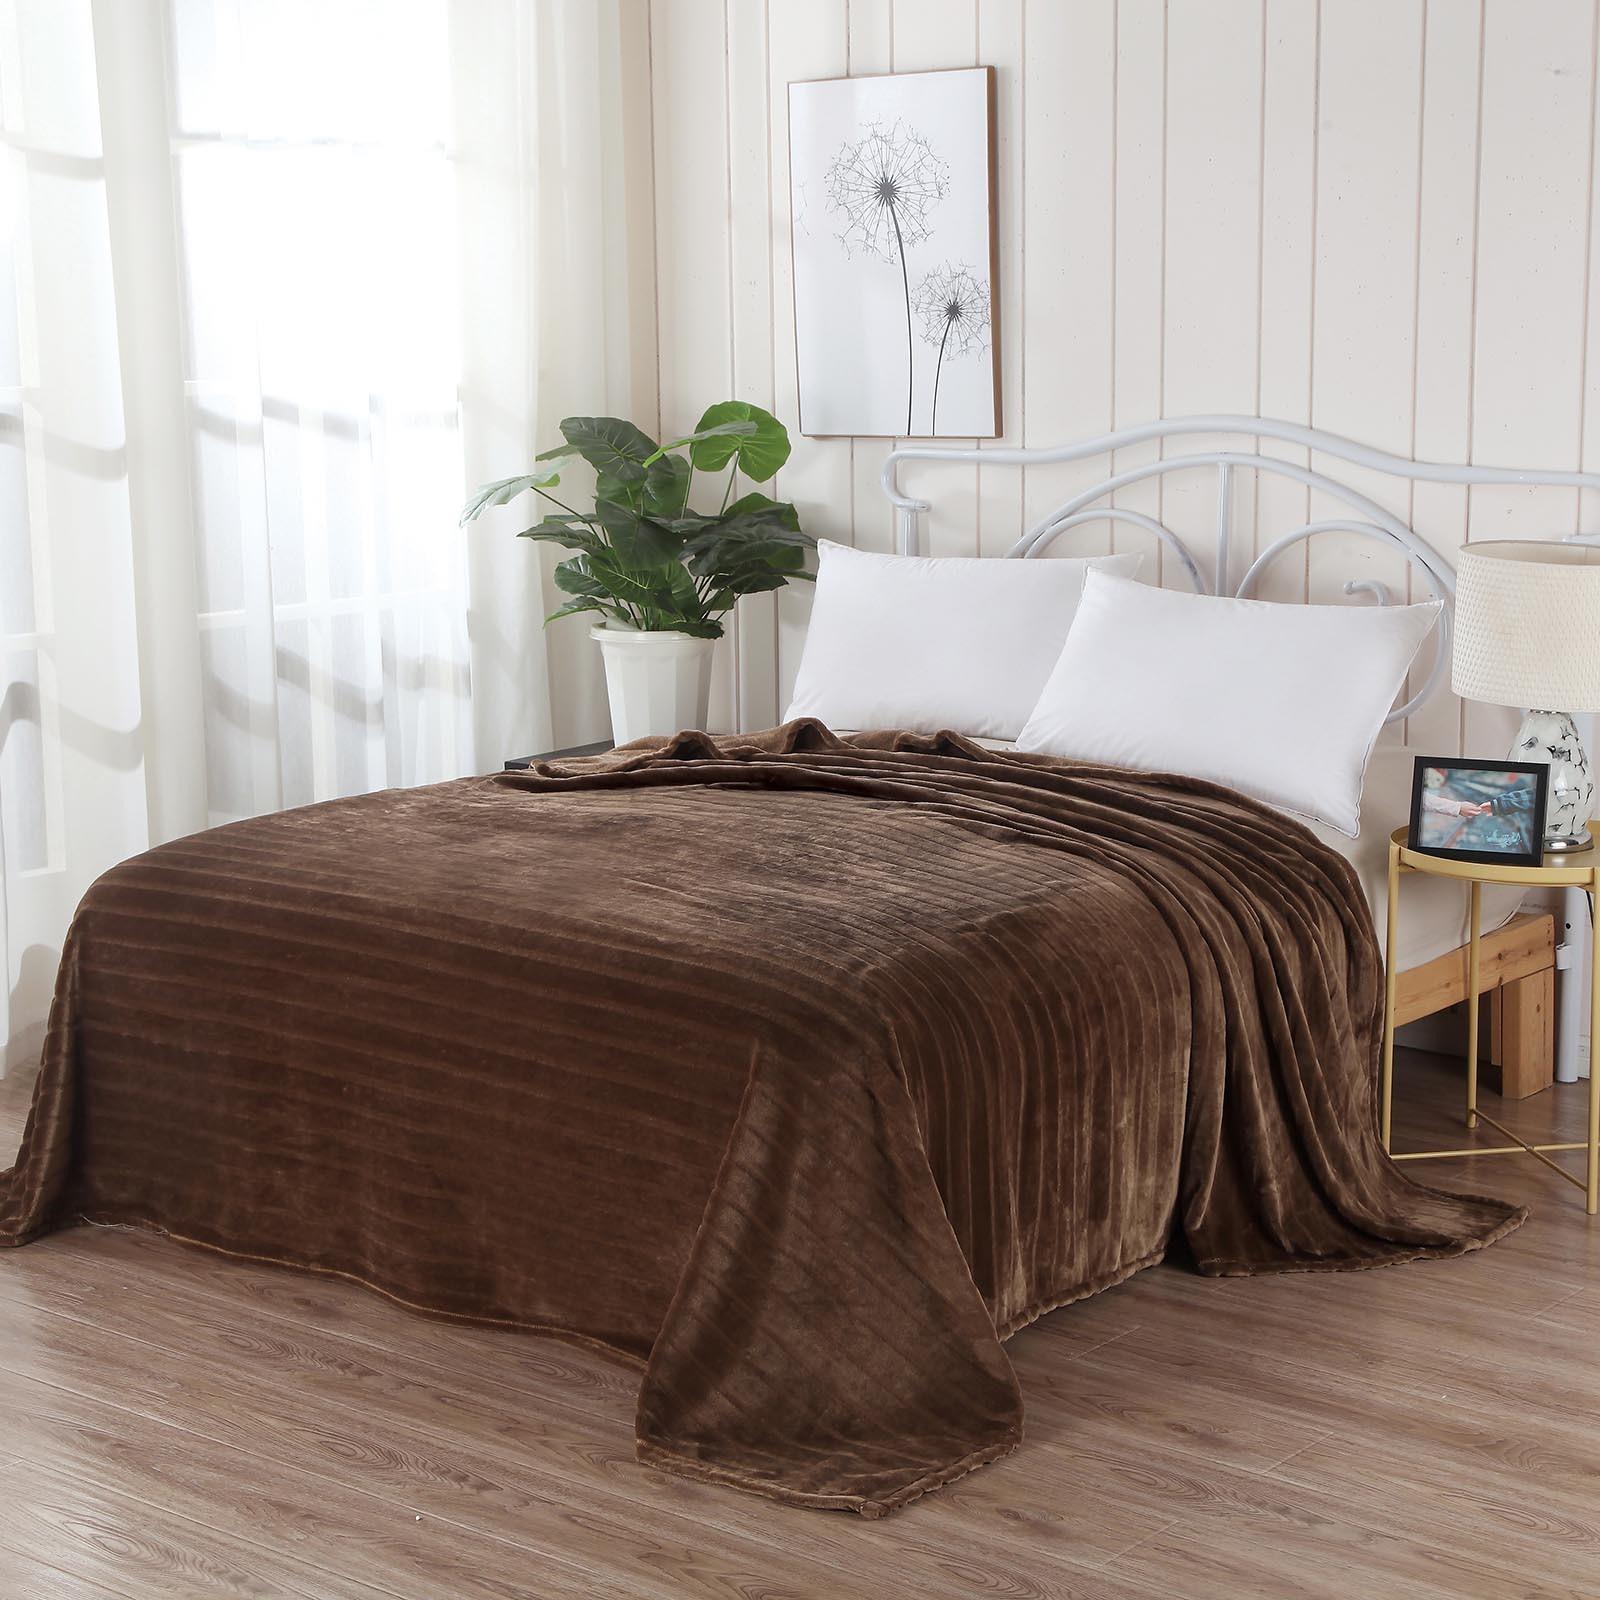 Плед Sofi de Marko Калипсо 2, коричневый пледы hongda textile махровое чудо коричневый широкая полоса